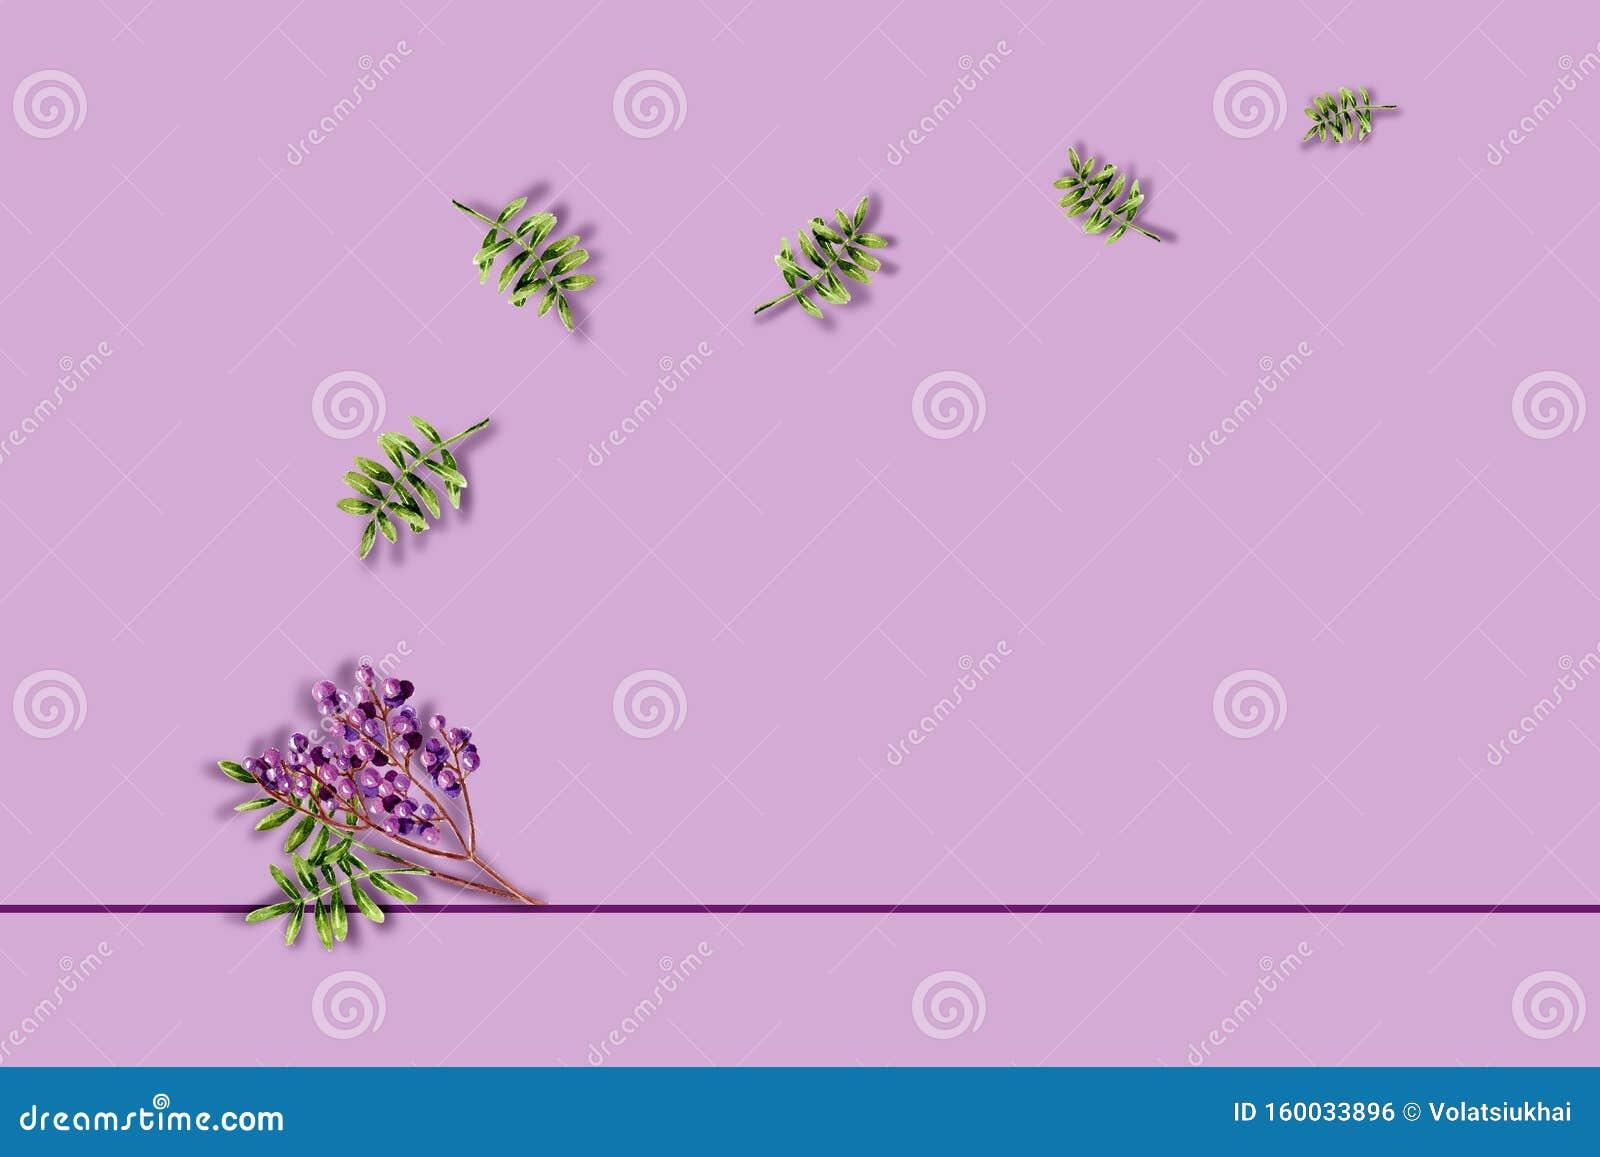 ? met waterkleurige groene groeve en paarse bessen Template met handbeschilderde planten